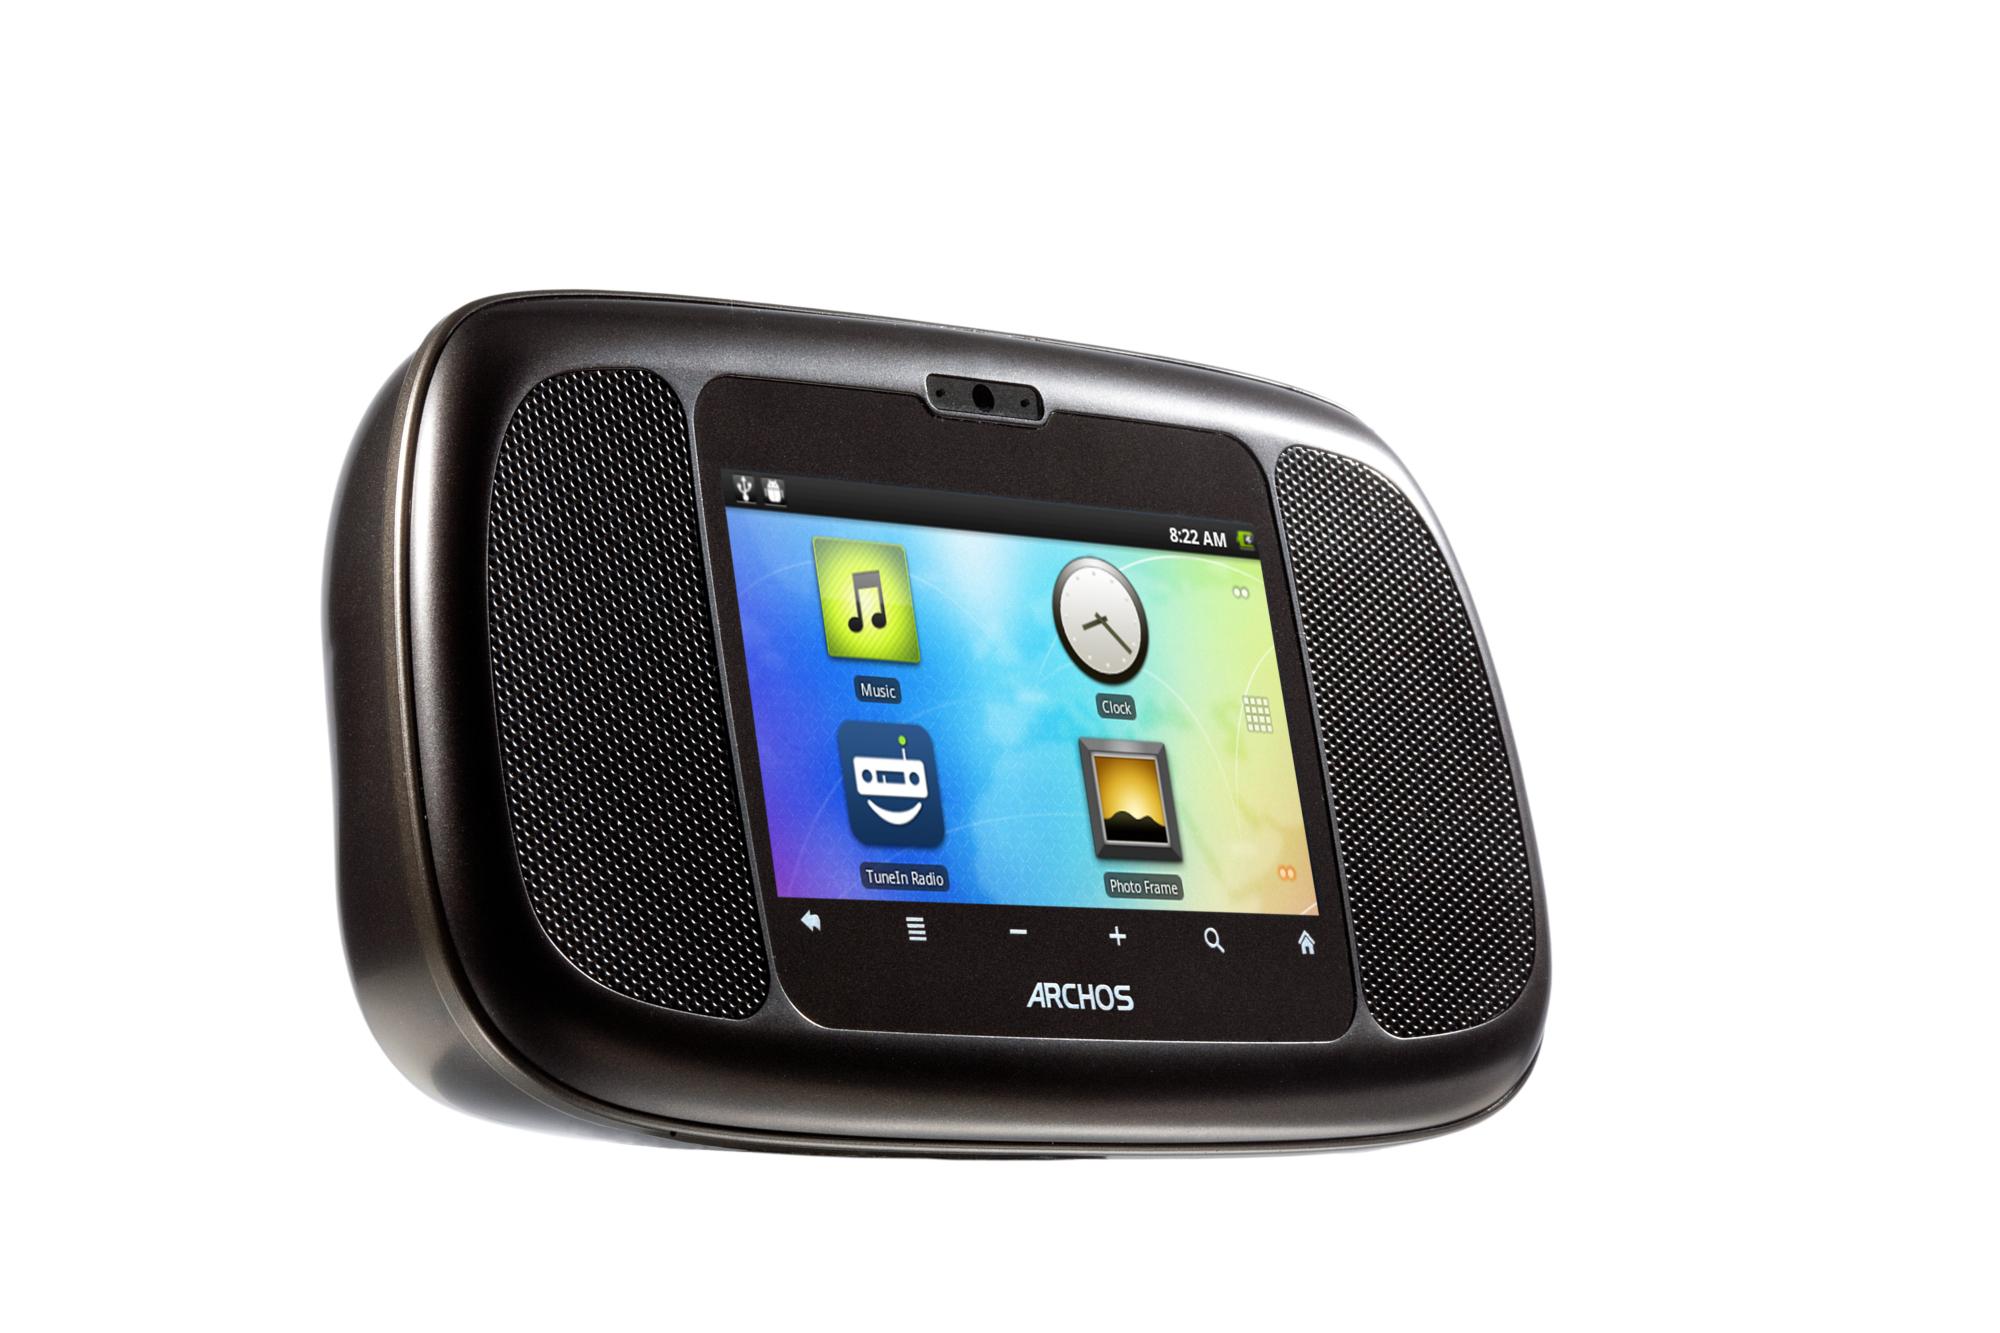 Archos 35 home connect - nowy odtwarzacz PMP z Android 2.2 w sprzeda�y